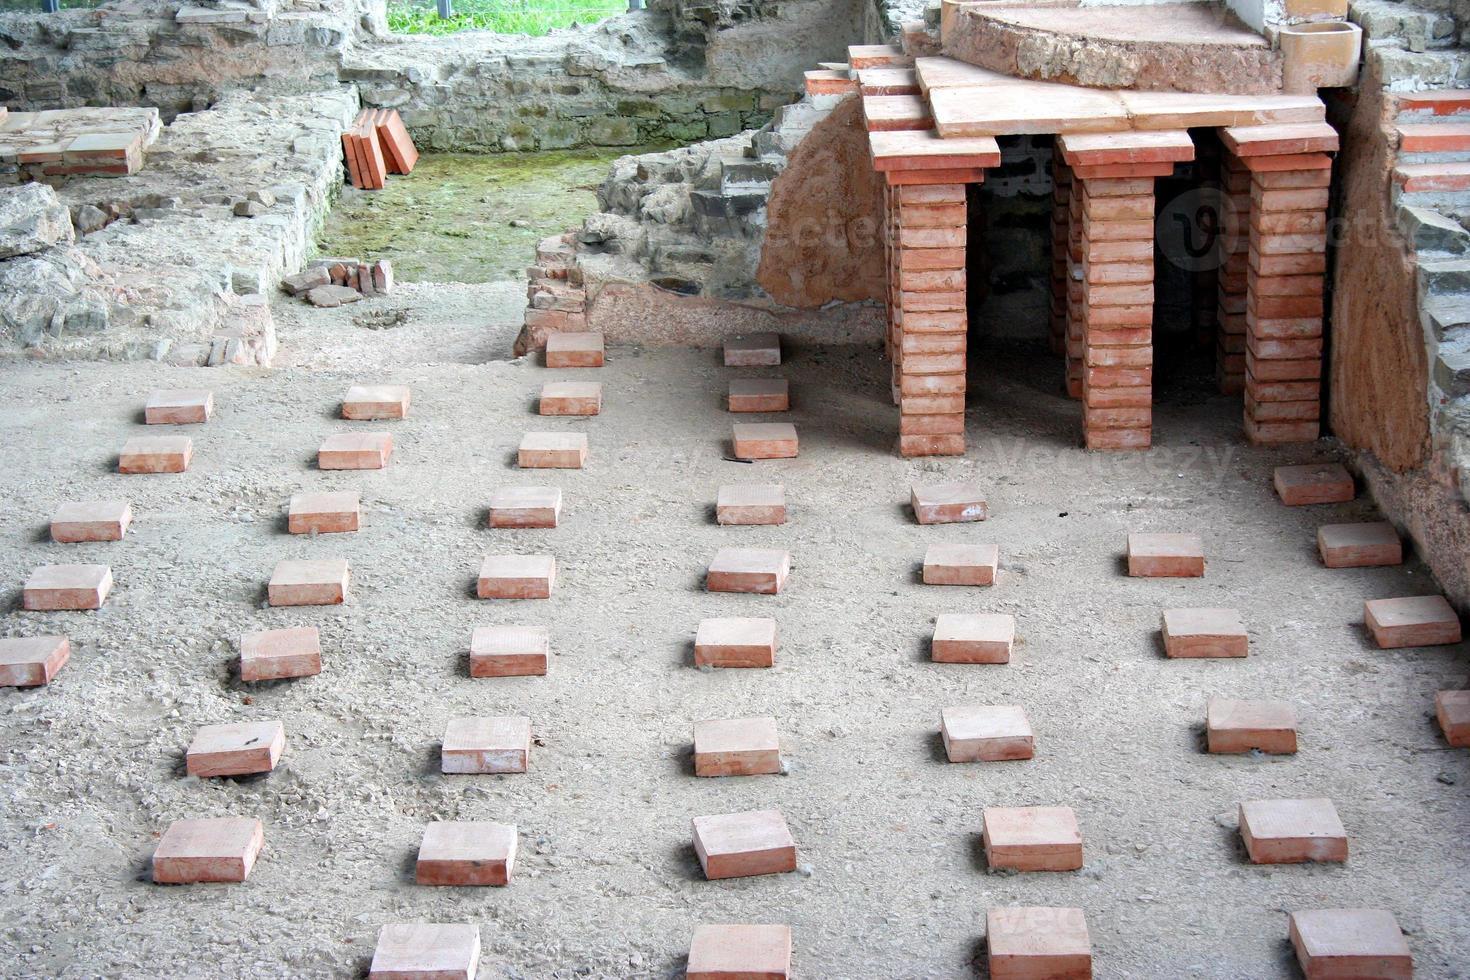 römischer Boden eines Bagnio foto